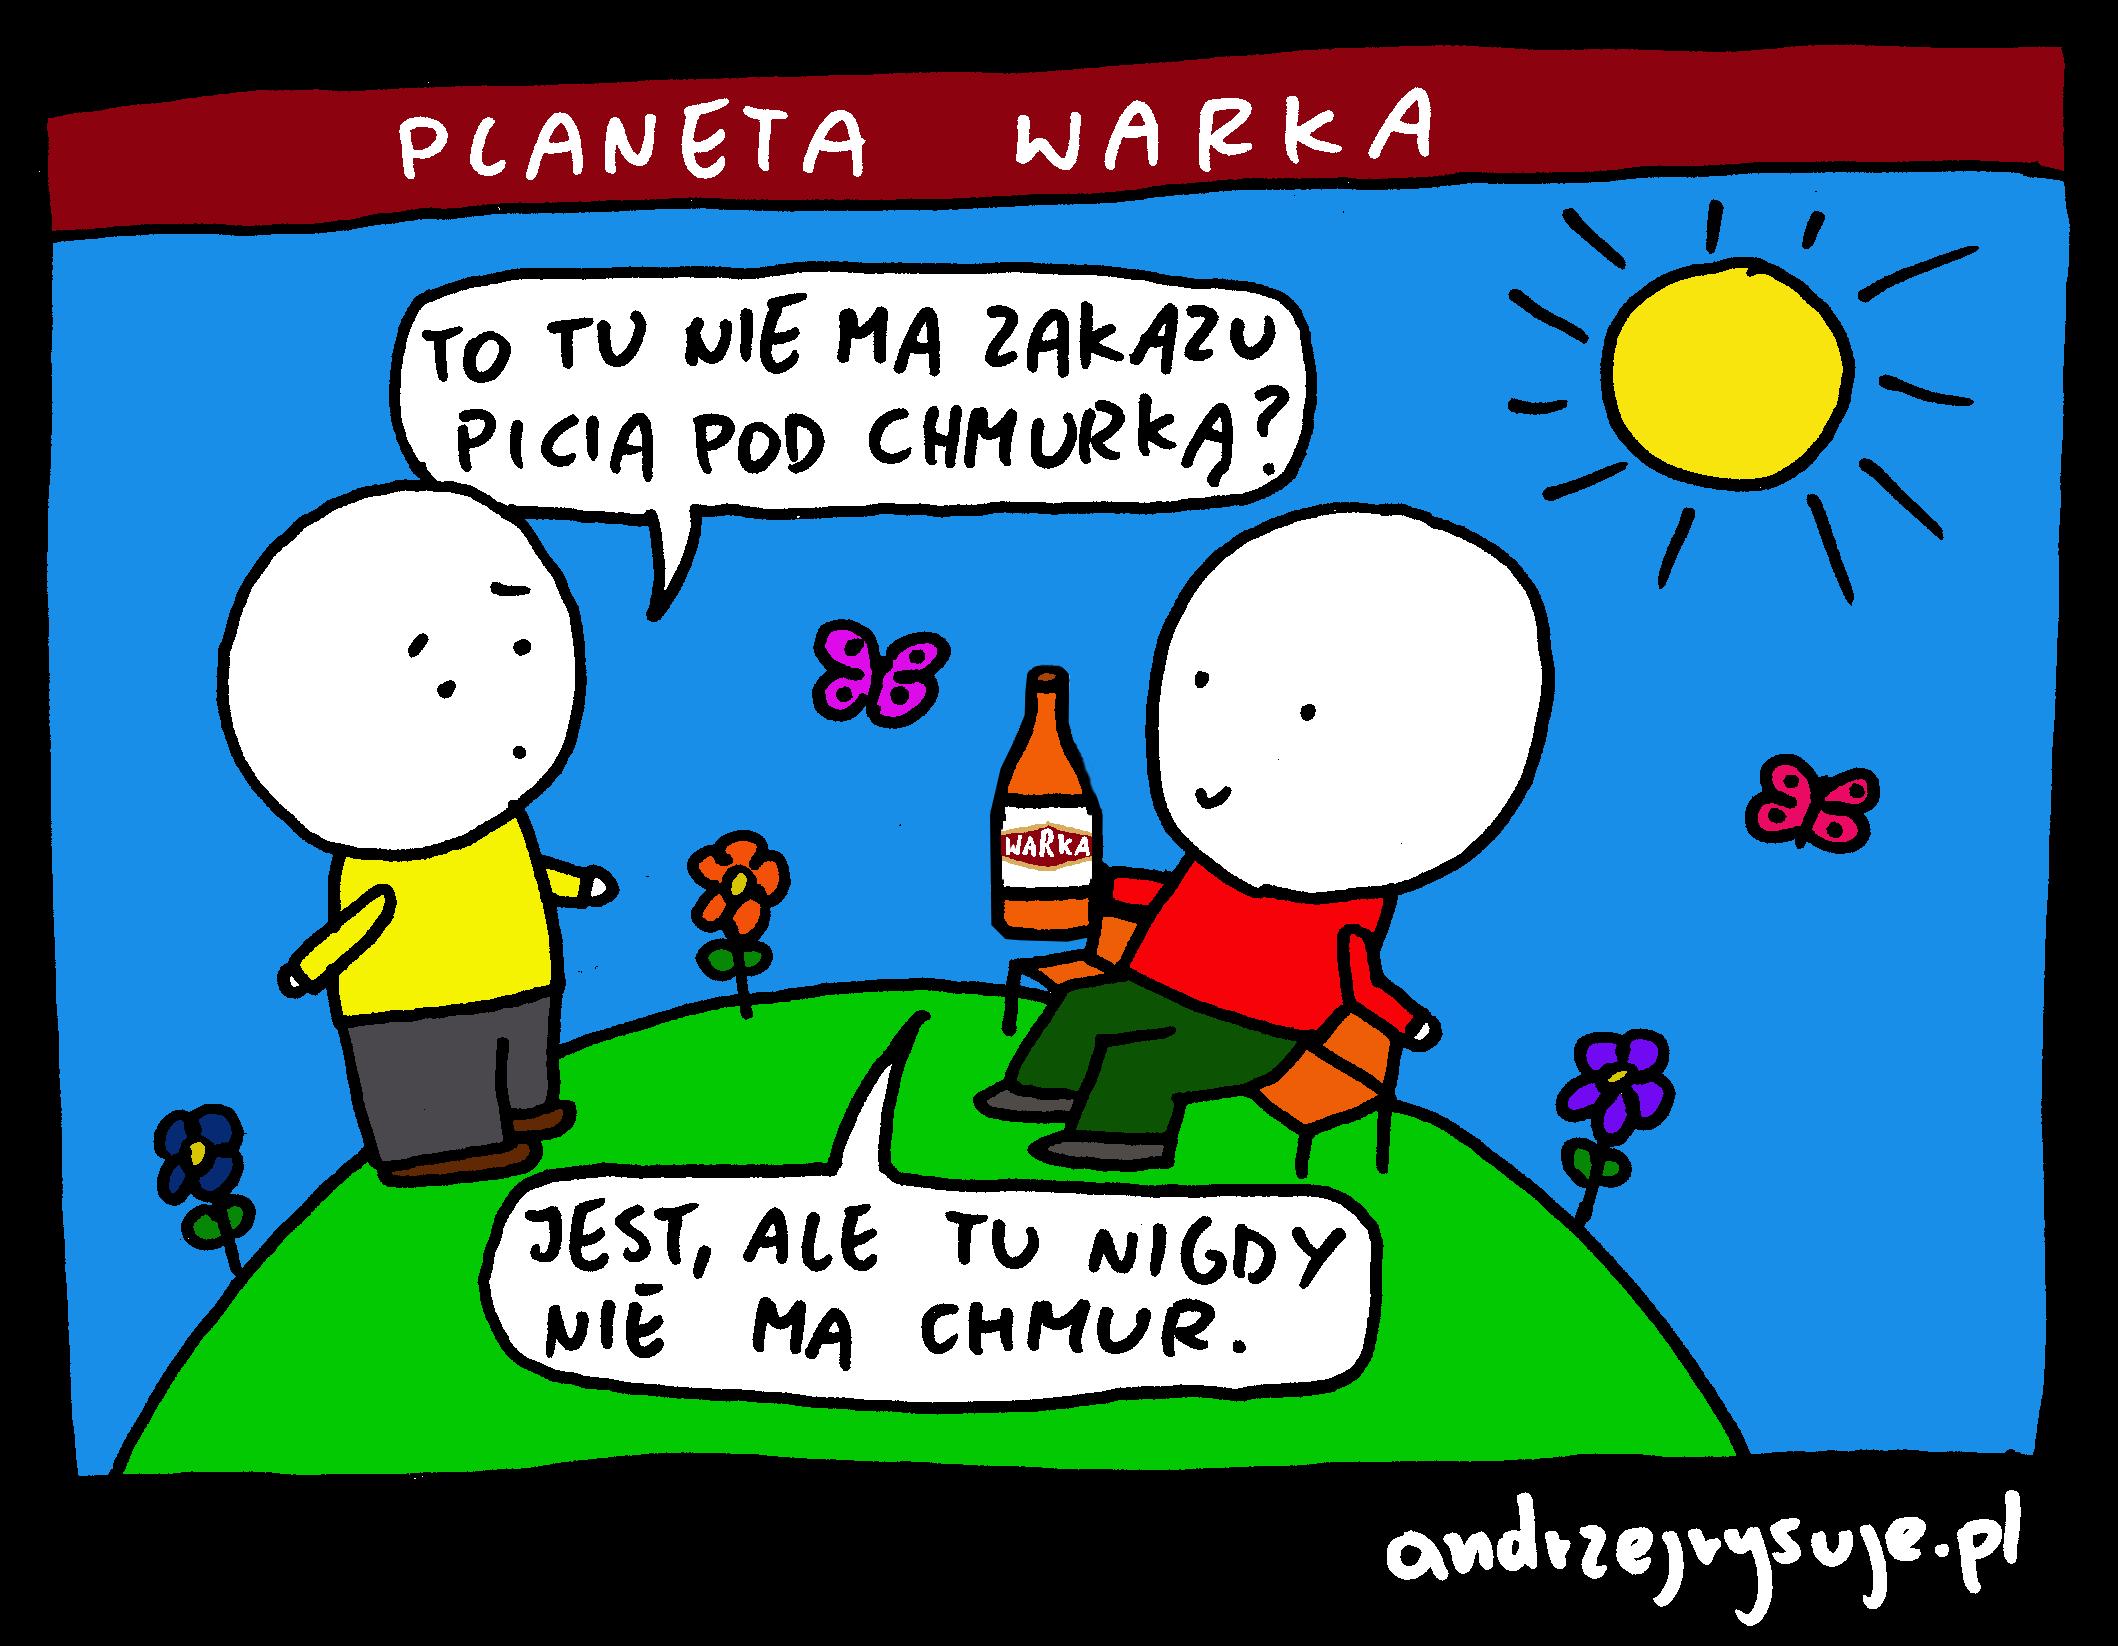 Planeta Warka 1 butelka z logo